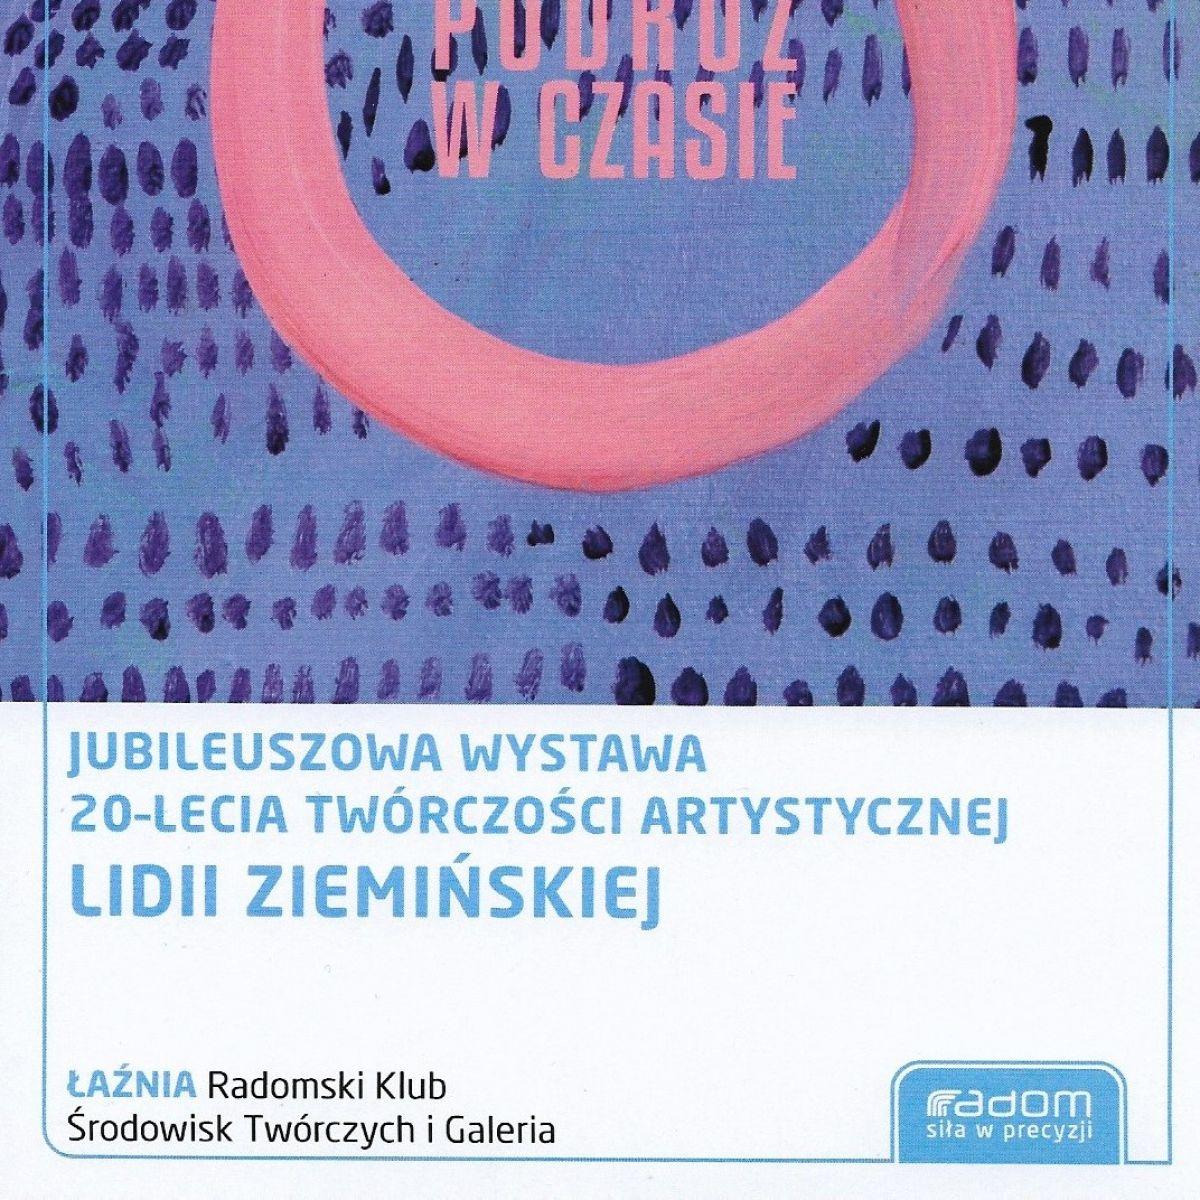 Podróż w czasie - Jubileuszowa wystawa 20-lecia twórczości artystycznej Lidii Ziemińskiej